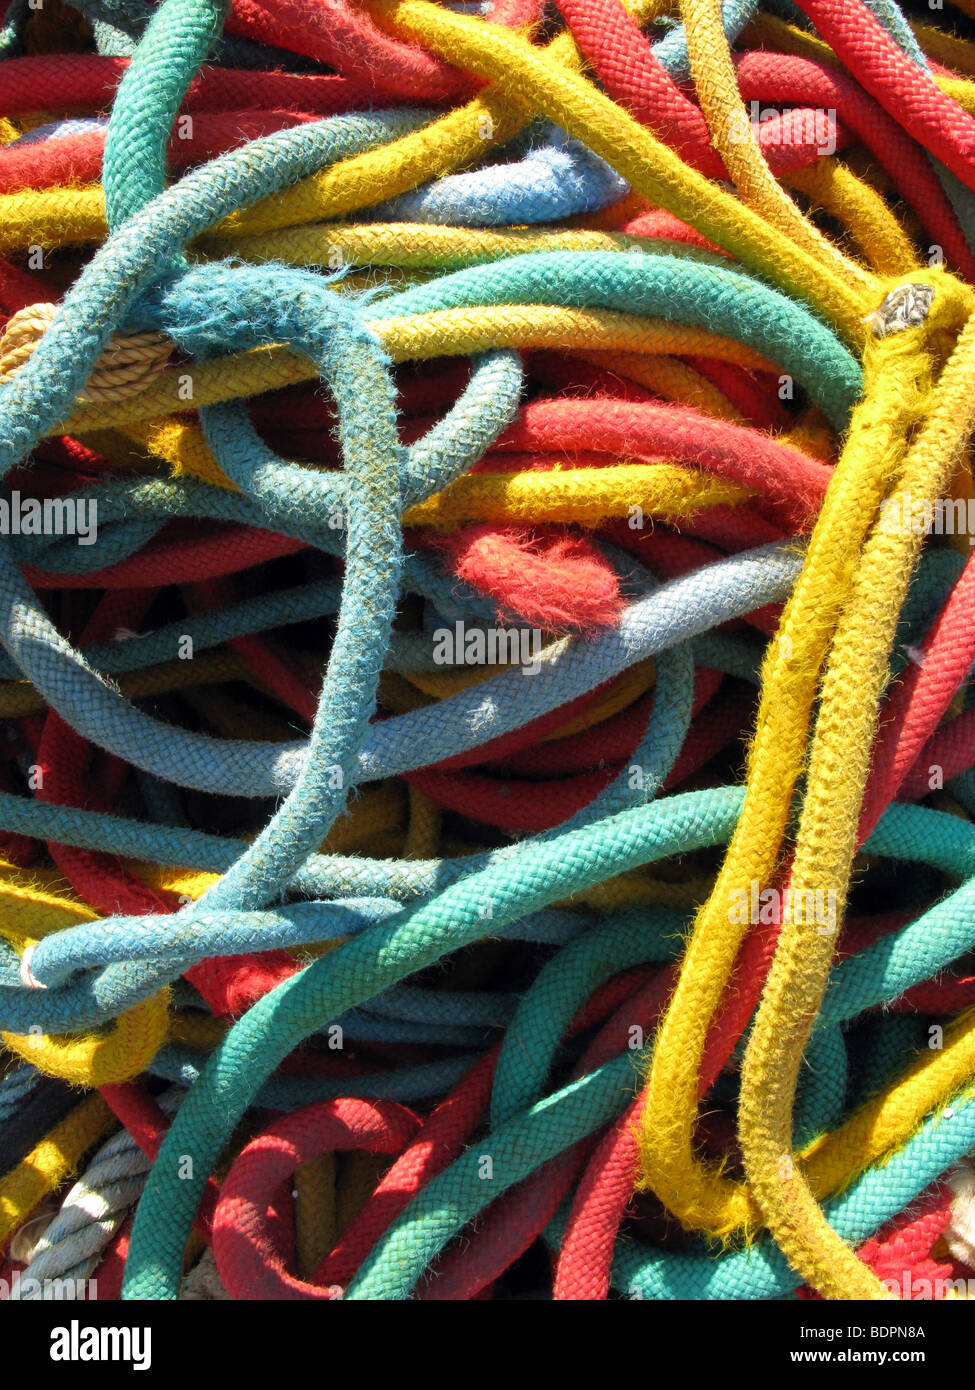 Dettaglio delle corde colorate utilizzati su imbarcazioni da pesca in porto Immagini Stock